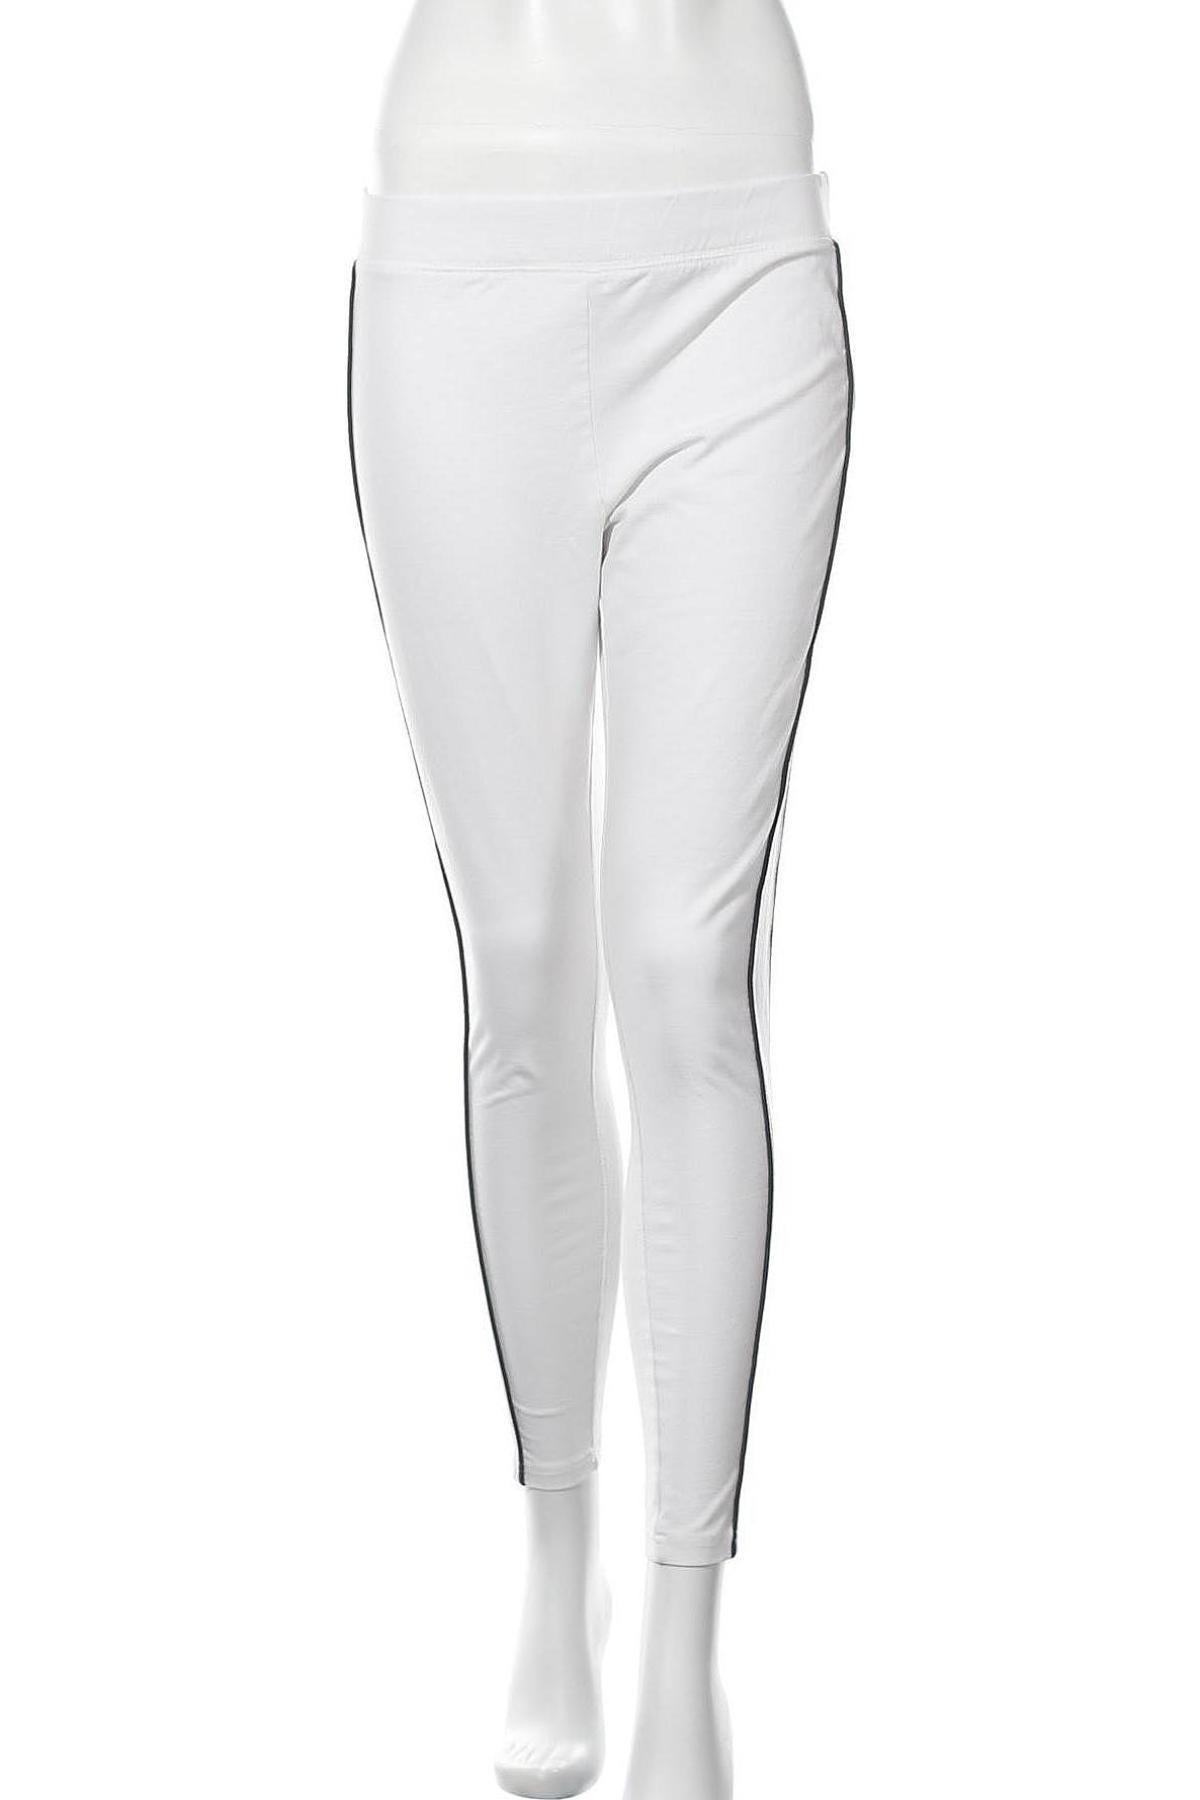 Дамски клин Henry I. Siegel, Размер M, Цвят Бял, 95% памук, 5% еластан, Цена 13,46лв.